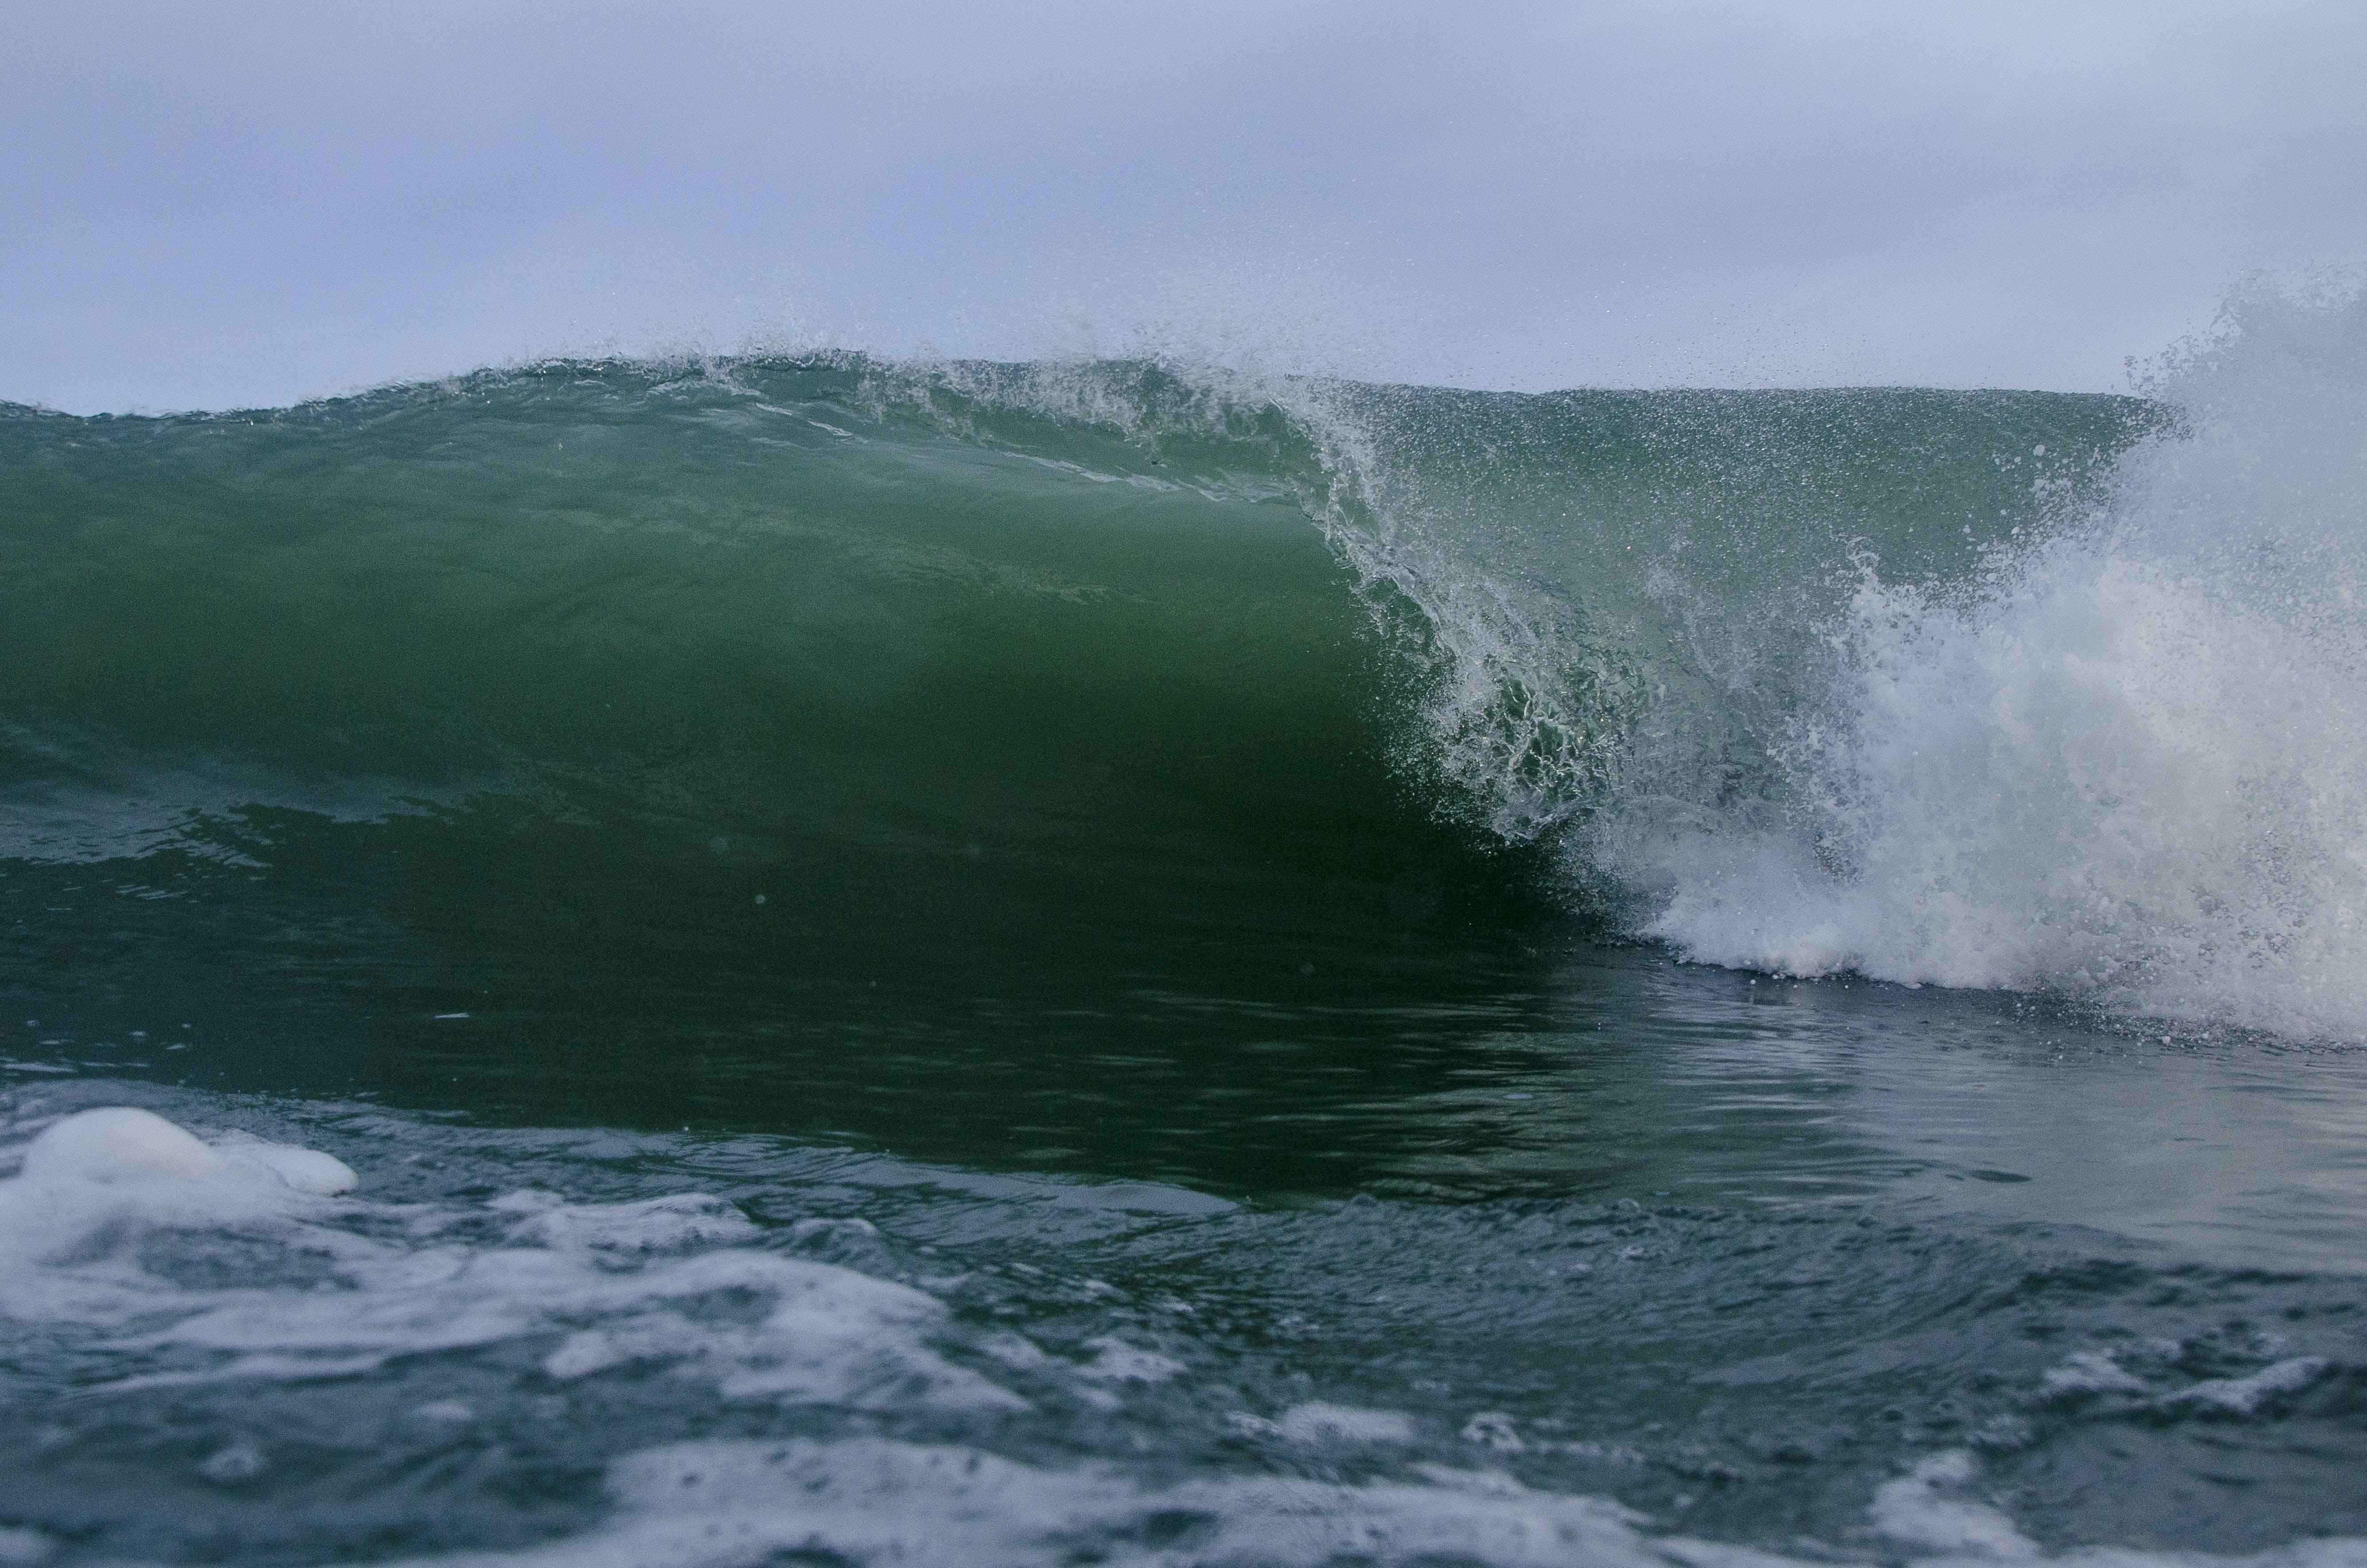 Gratis lagerfoto af bevægelse, bølger, forside, grøn